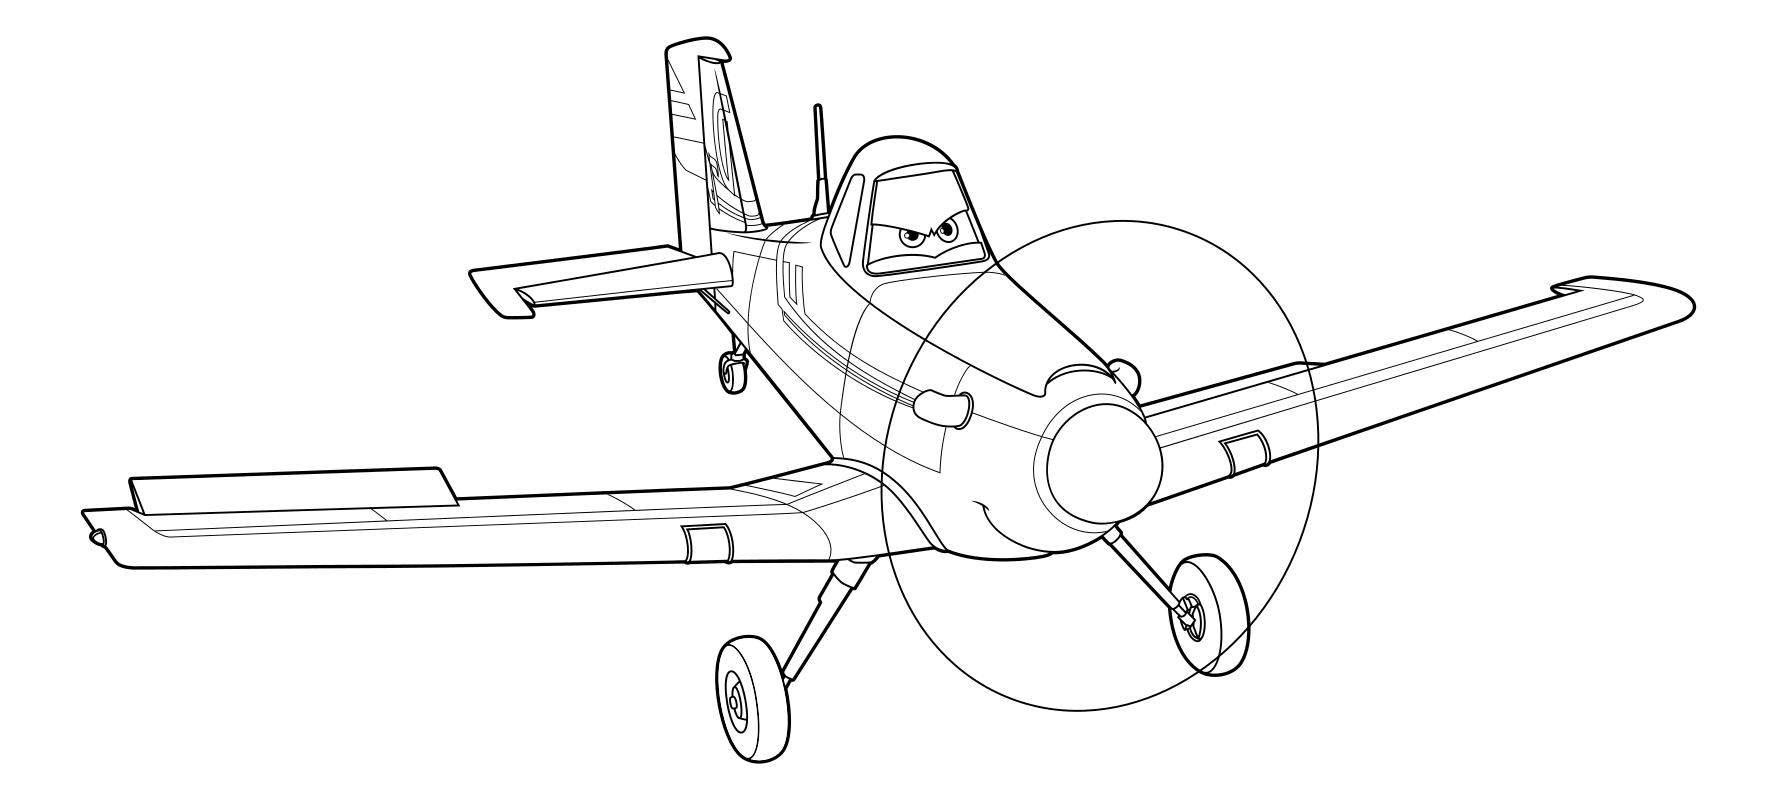 Раскраска самолет для мальчиков распечатать